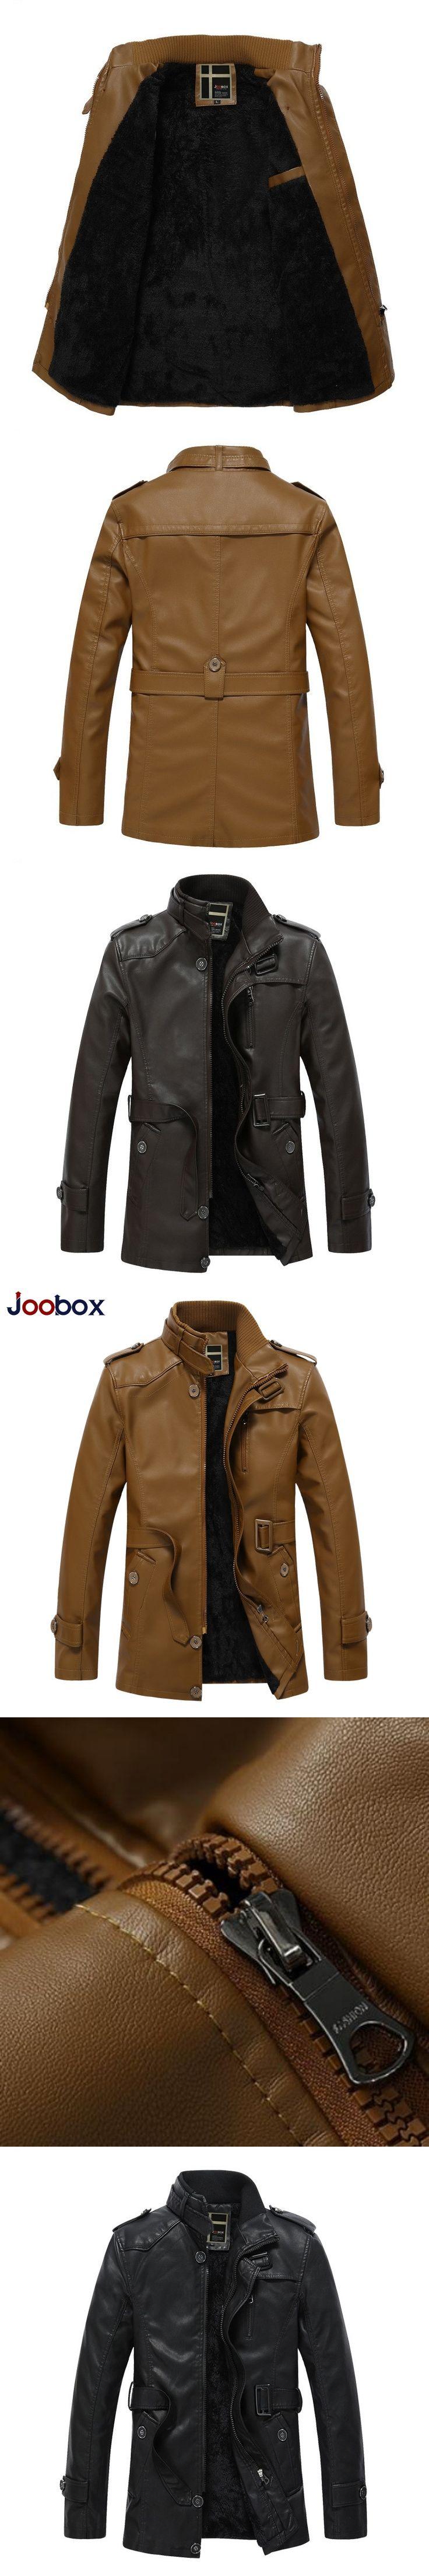 Retro Casual Plus Size Slim Fit Fur Lining Windwear Zip Jacket Casacas De Cuero Para Hombre Motorcycle Male Jaqueta Couro Homem